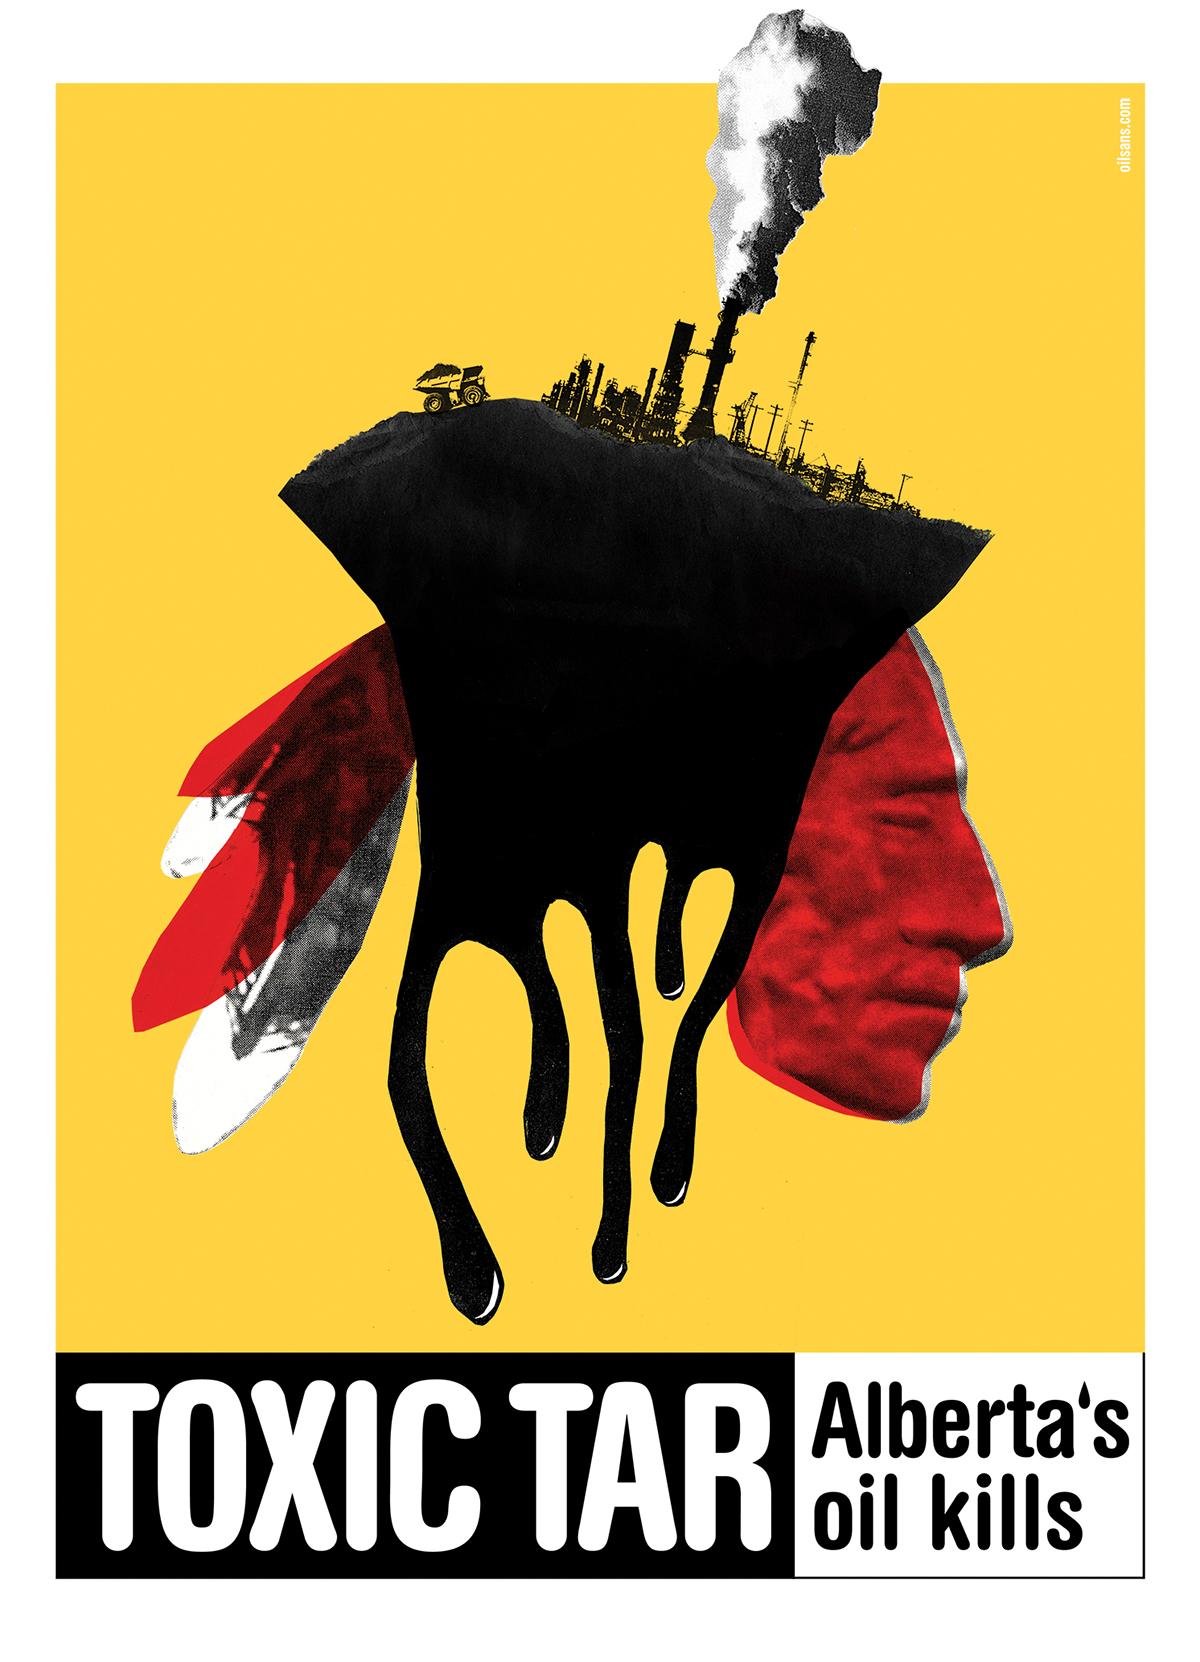 poster  print political  Canadian  Alberta poland Quebec silkscreen